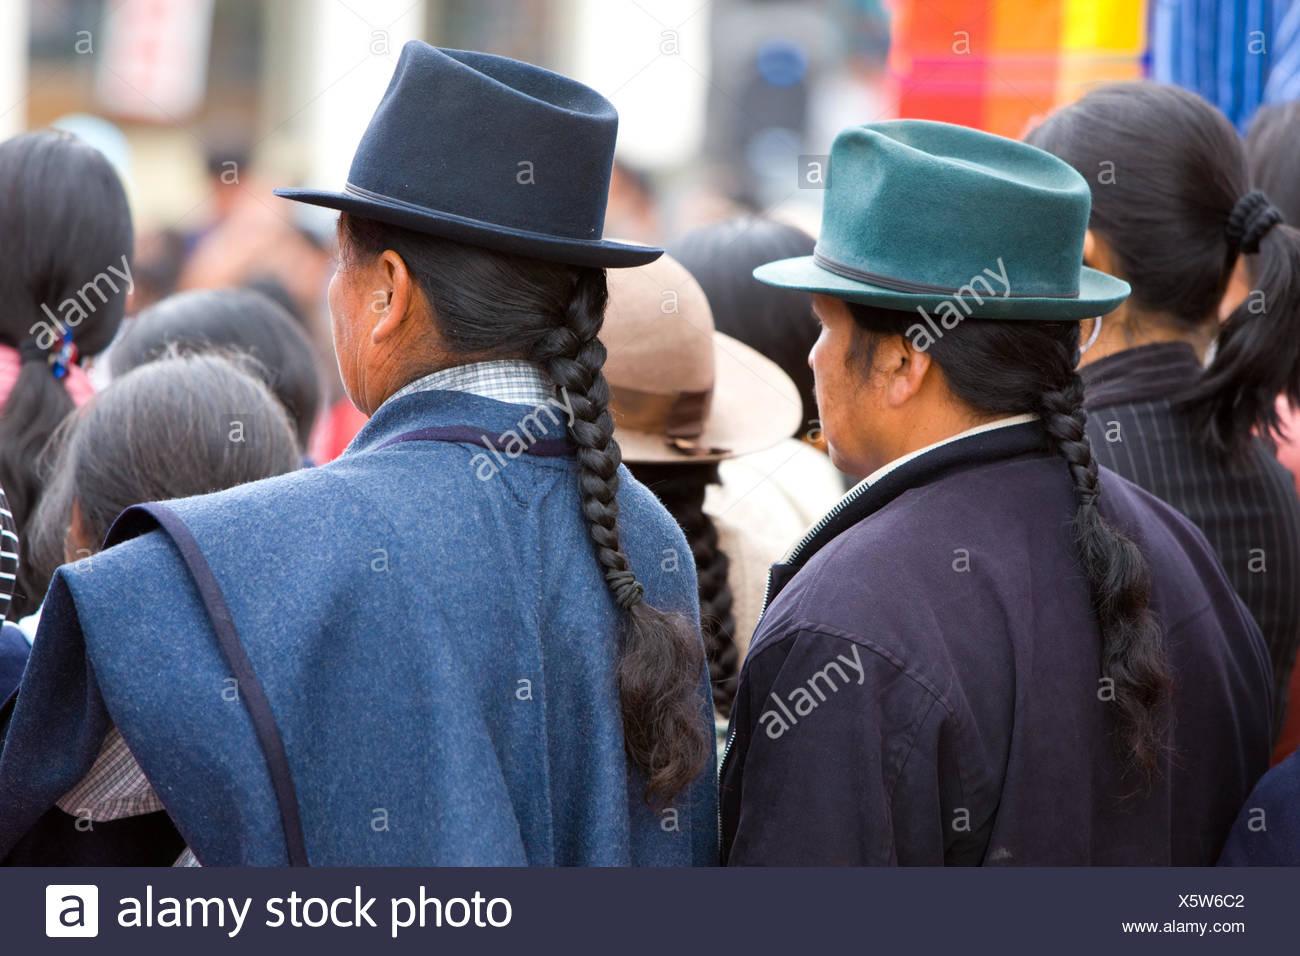 Ecuador, Provinz Cotopaxi, Pujilí, Markt, Männer, Südamerika, Cotopaxi, einheimische, Menschen, Einkaufen, Handel, verkaufen, traditionell, kaufen, Markt, Tag, Händler, Kunden, hüten, Zöpfen, Rückansicht, südamerikanischen Indianer, Stockbild